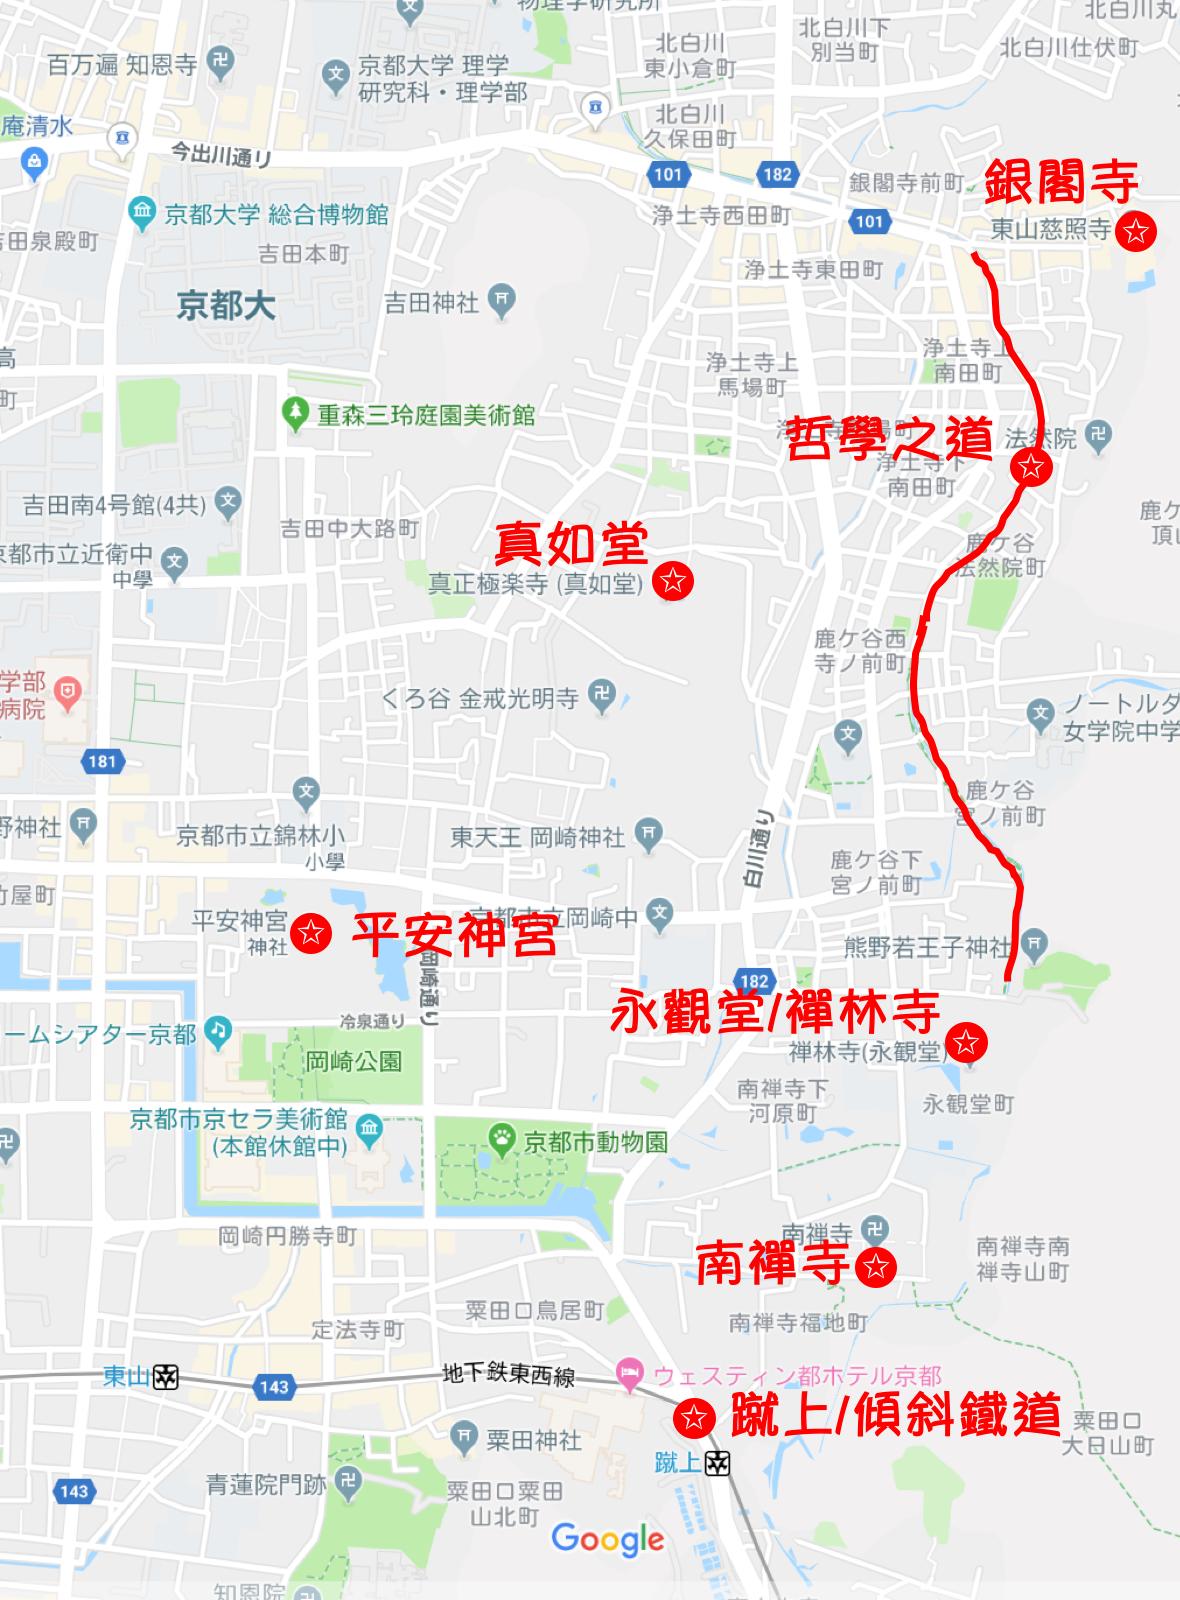 【京都】秋光葉影的古寺散策 - 南禪寺 76